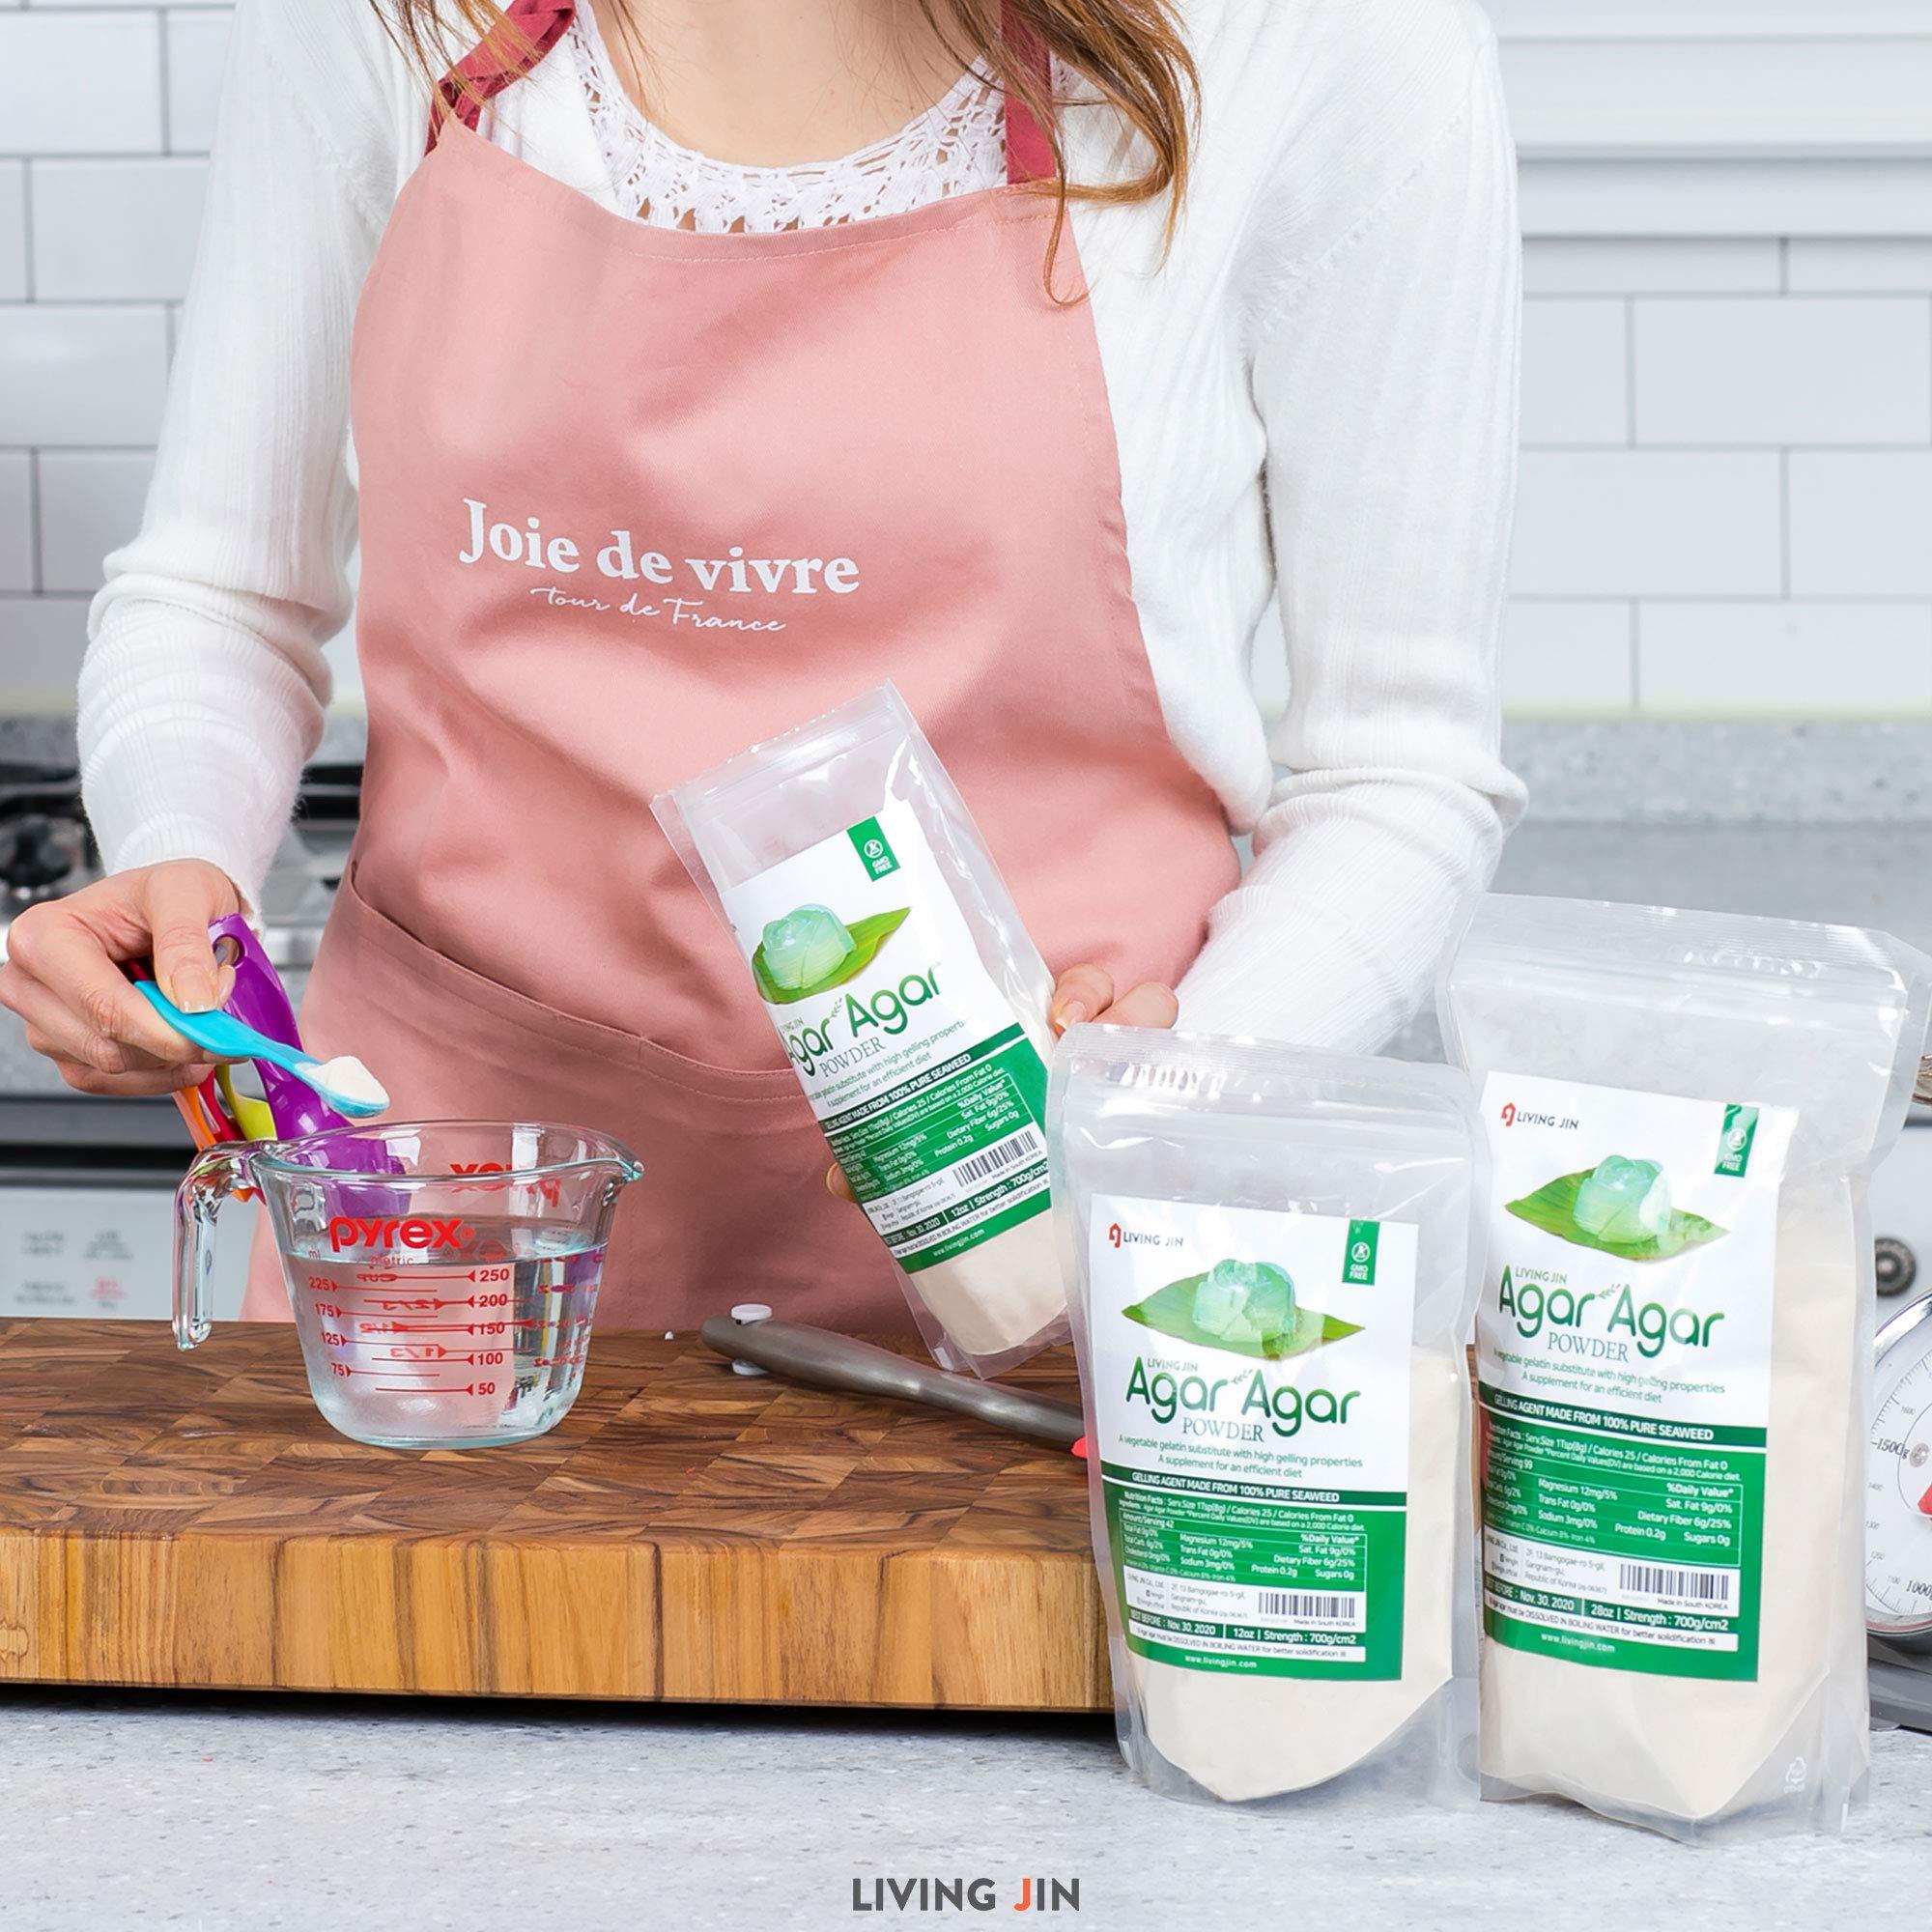 LIVING JIN Agar Agar Powder 28oz (or 4oz | 12oz) : Vegetable Gelatin Powder Dietary Fiber [100% Natural Seaweed + Non GMO + VEGAN + VEGETARIAN + KOSHER + HALAL] by LIVING JIN (Image #6)